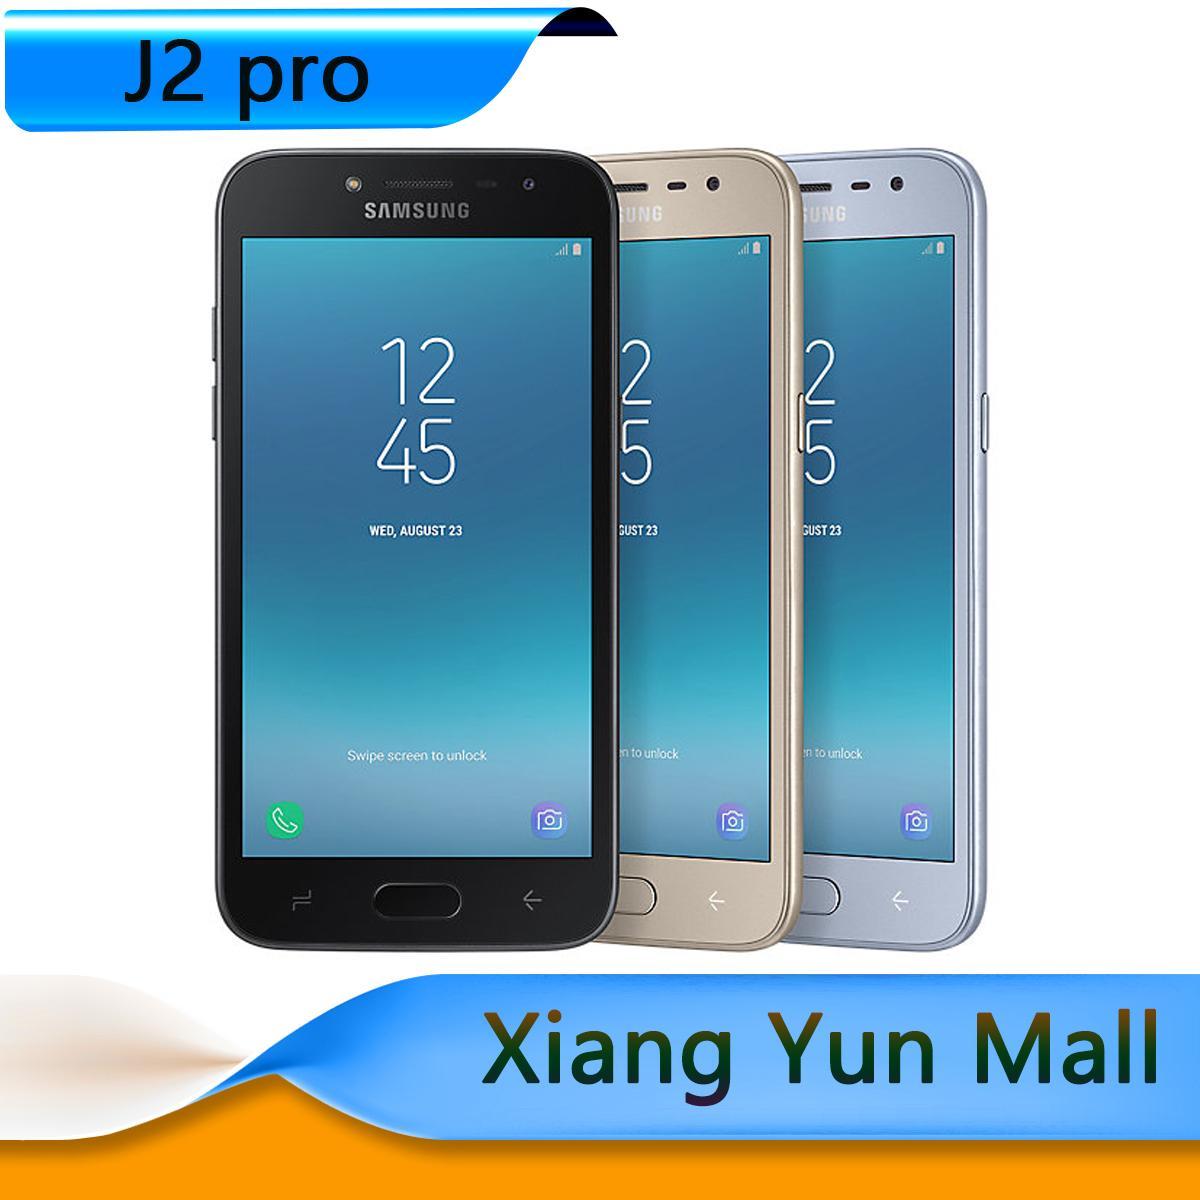 SAMSUNG J2pro 2G RAM 32GB ROM 2018 Ponsel ini menikmati garansi resmi 1 tahun Pengiriman segera!